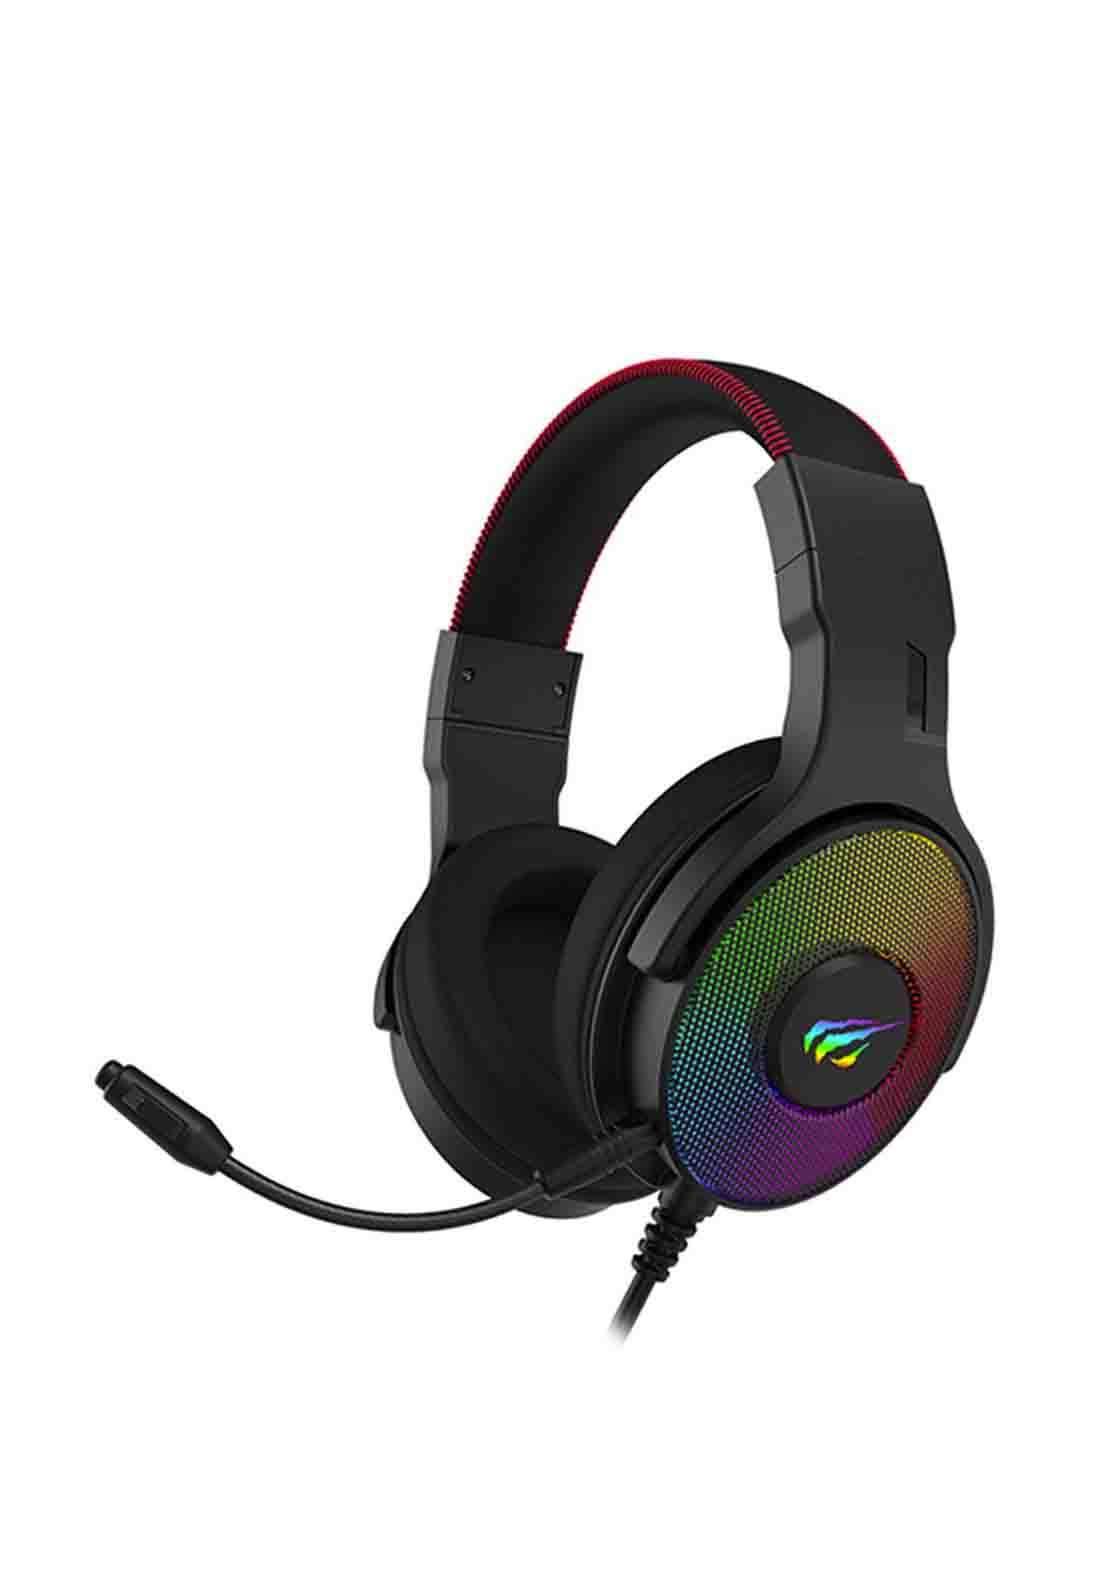 Havit H2028U Gaming Headphones - Black سماعة